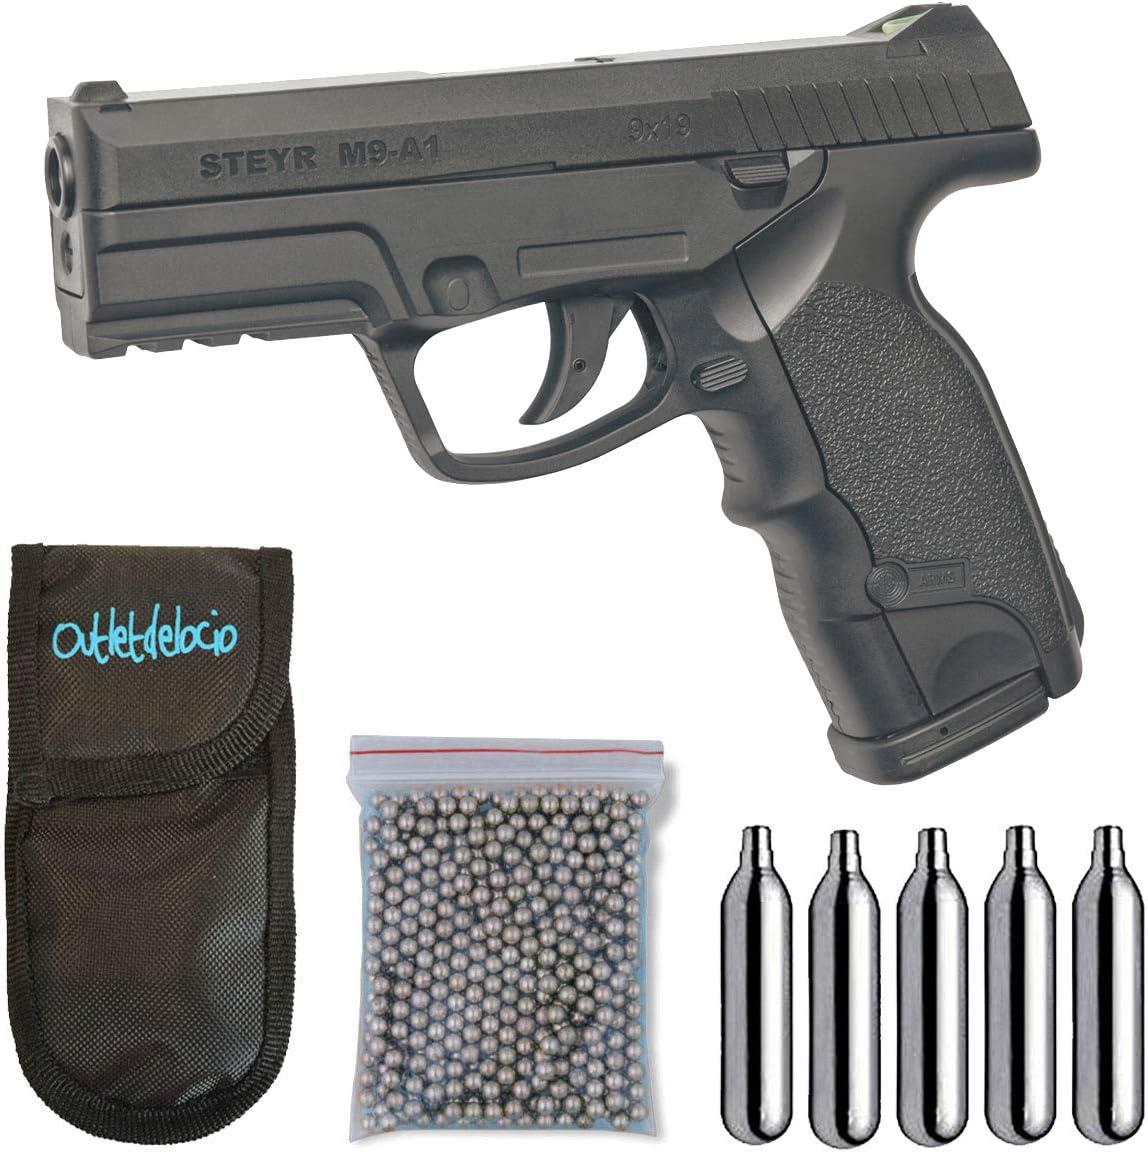 Outletdelocio. Pack Pistola Perdigón ASG16088. Steyr M9-A1. 3,3 Julios. Co2. Calibre 4,5mm BBS. + Funda Portabombonas + Balines + Bombonas co2